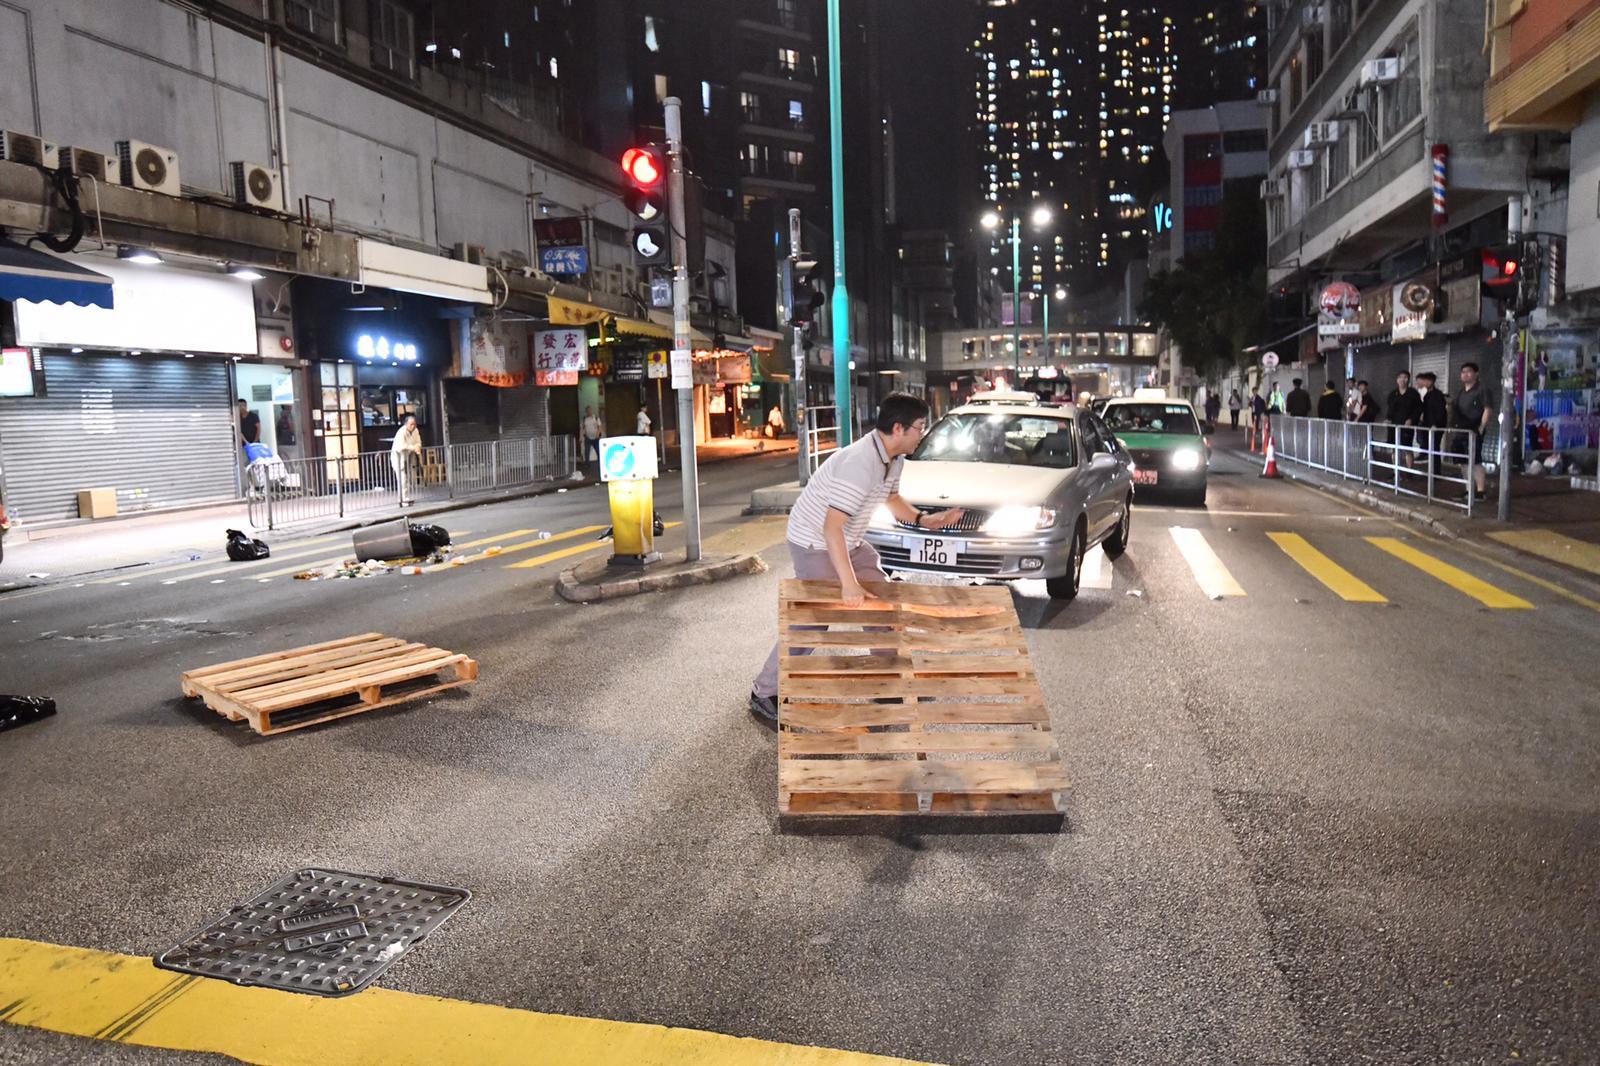 【修例风波】示威者屯门堵路烧杂物